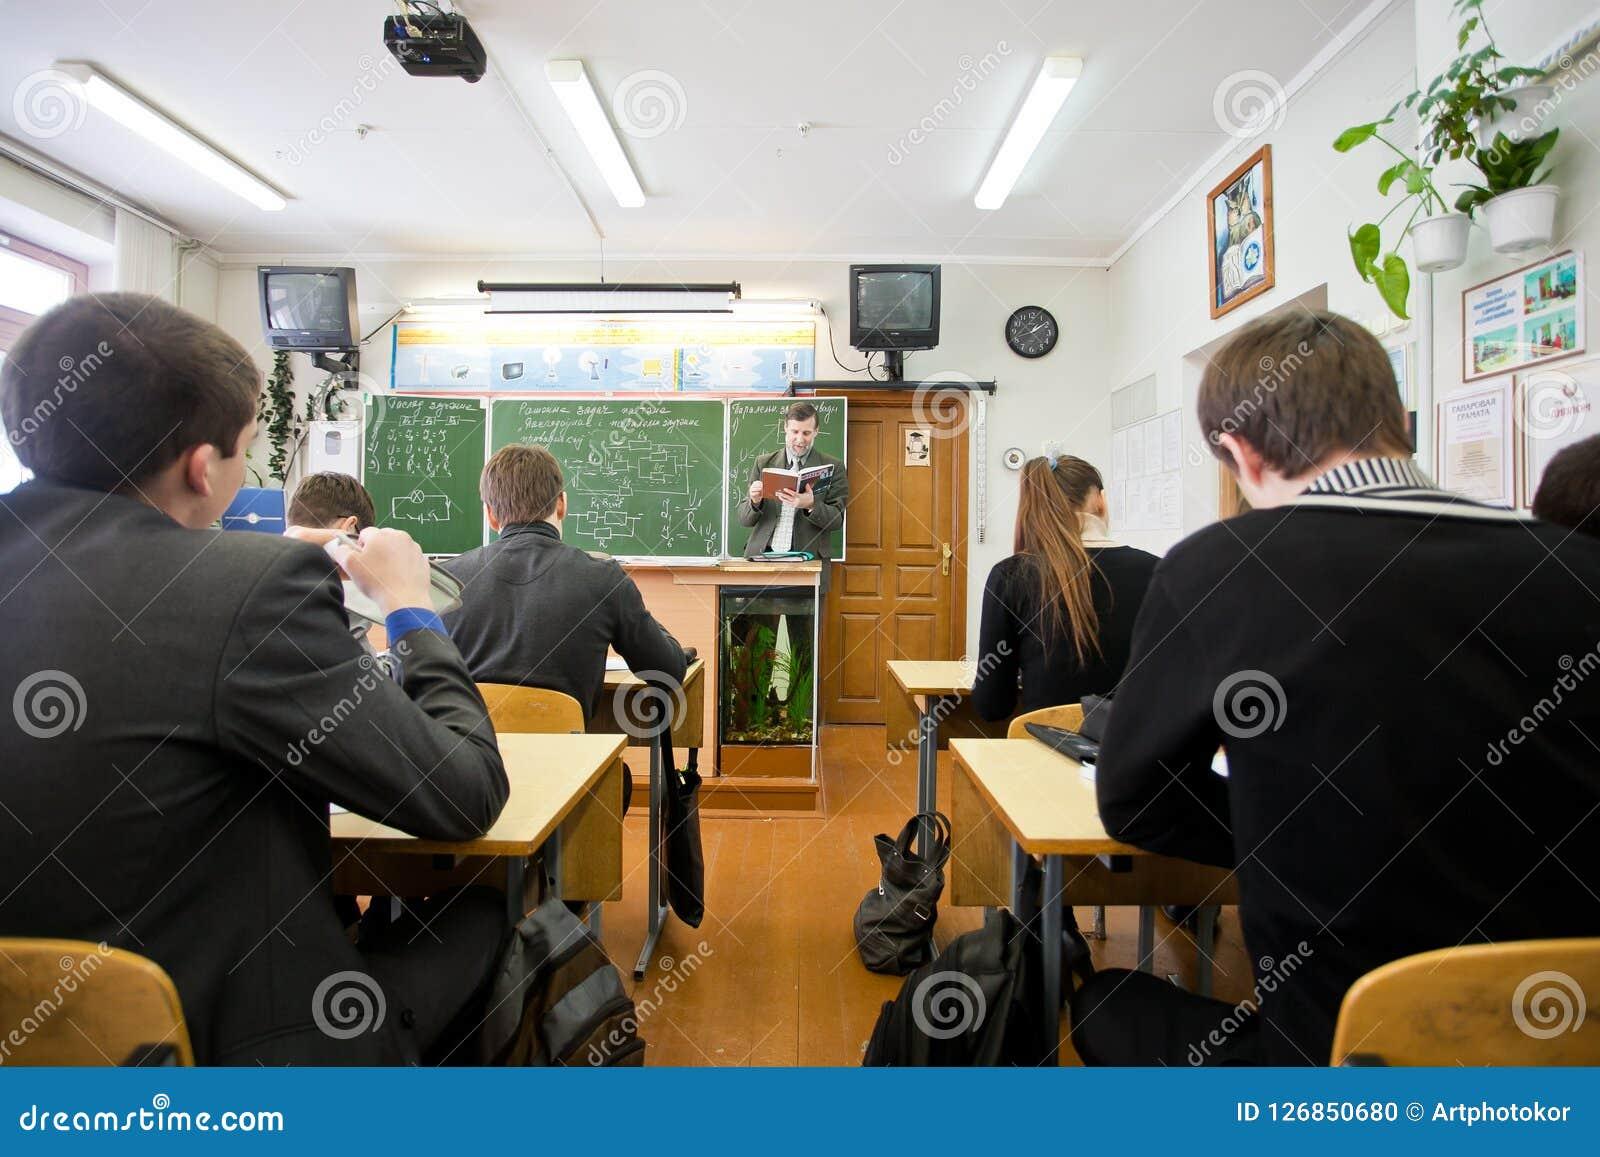 Επαγγελματικές πληροφορίες ανάγνωσης δασκάλων δυνατές χρήσιμες έξω